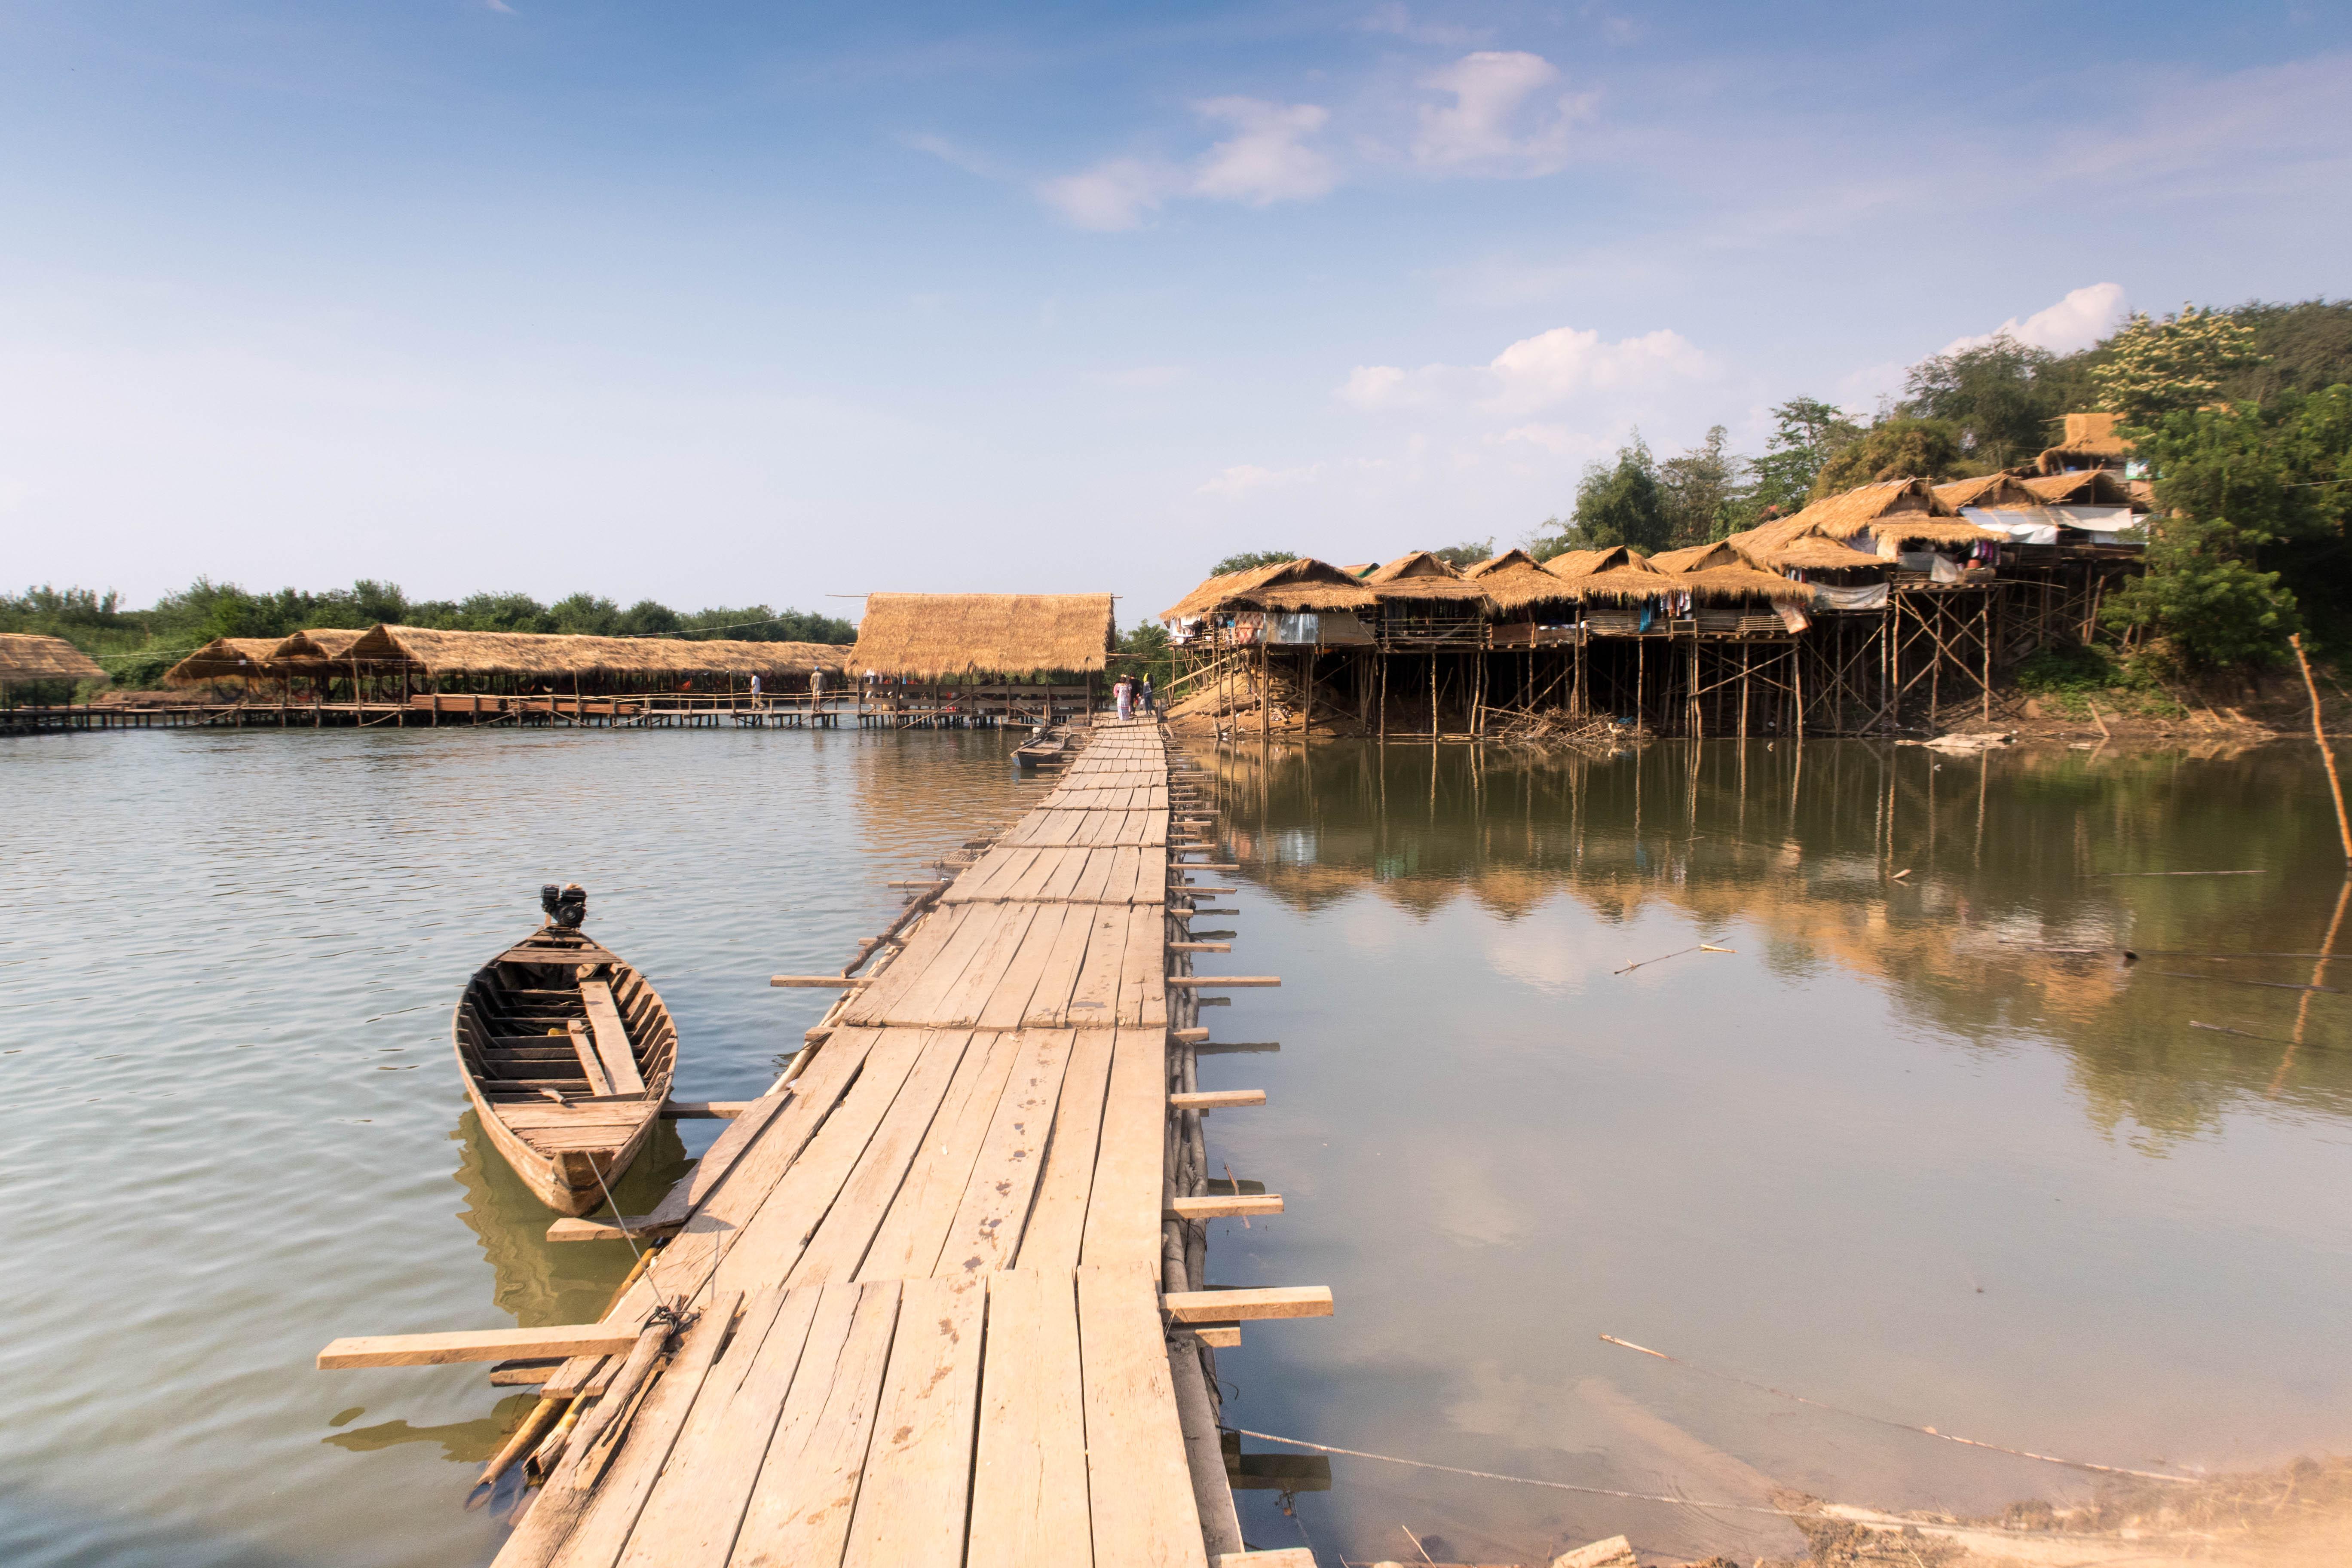 Maisons pêcheurs bateau 2 - CAMBODGE